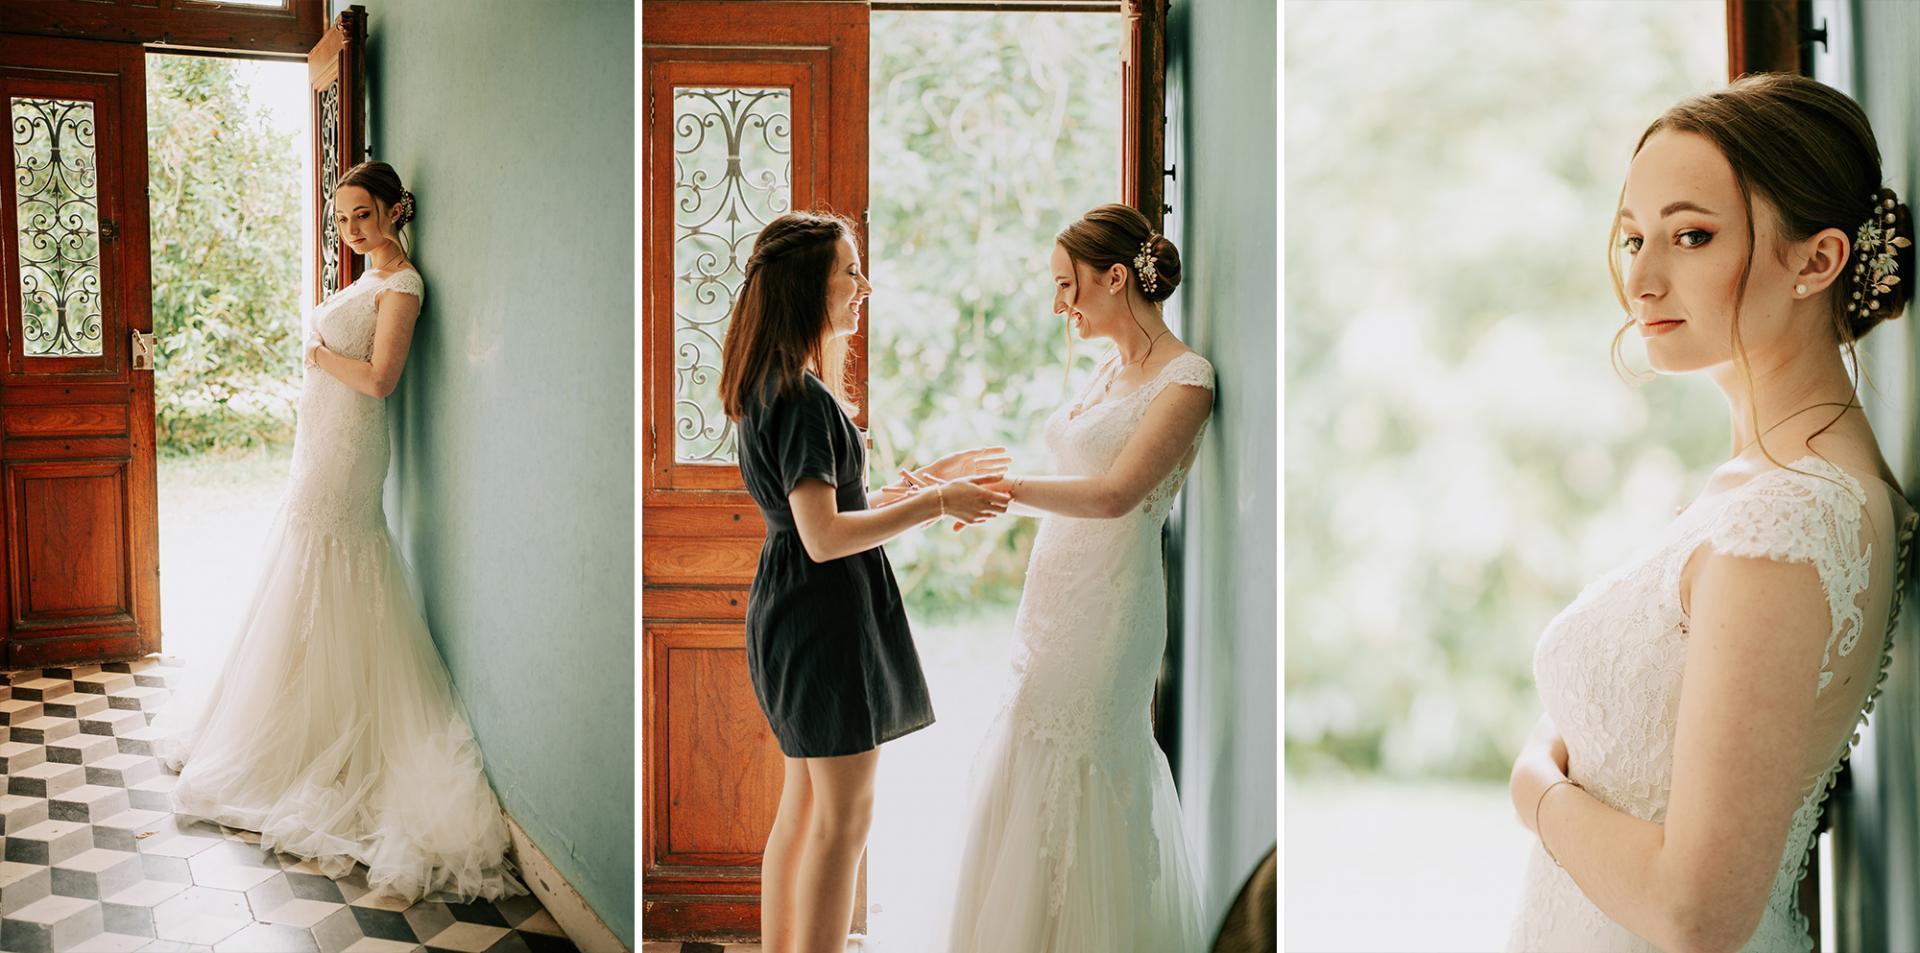 14 photographe de mariage landes dax aquitaine allison micallef la mariee